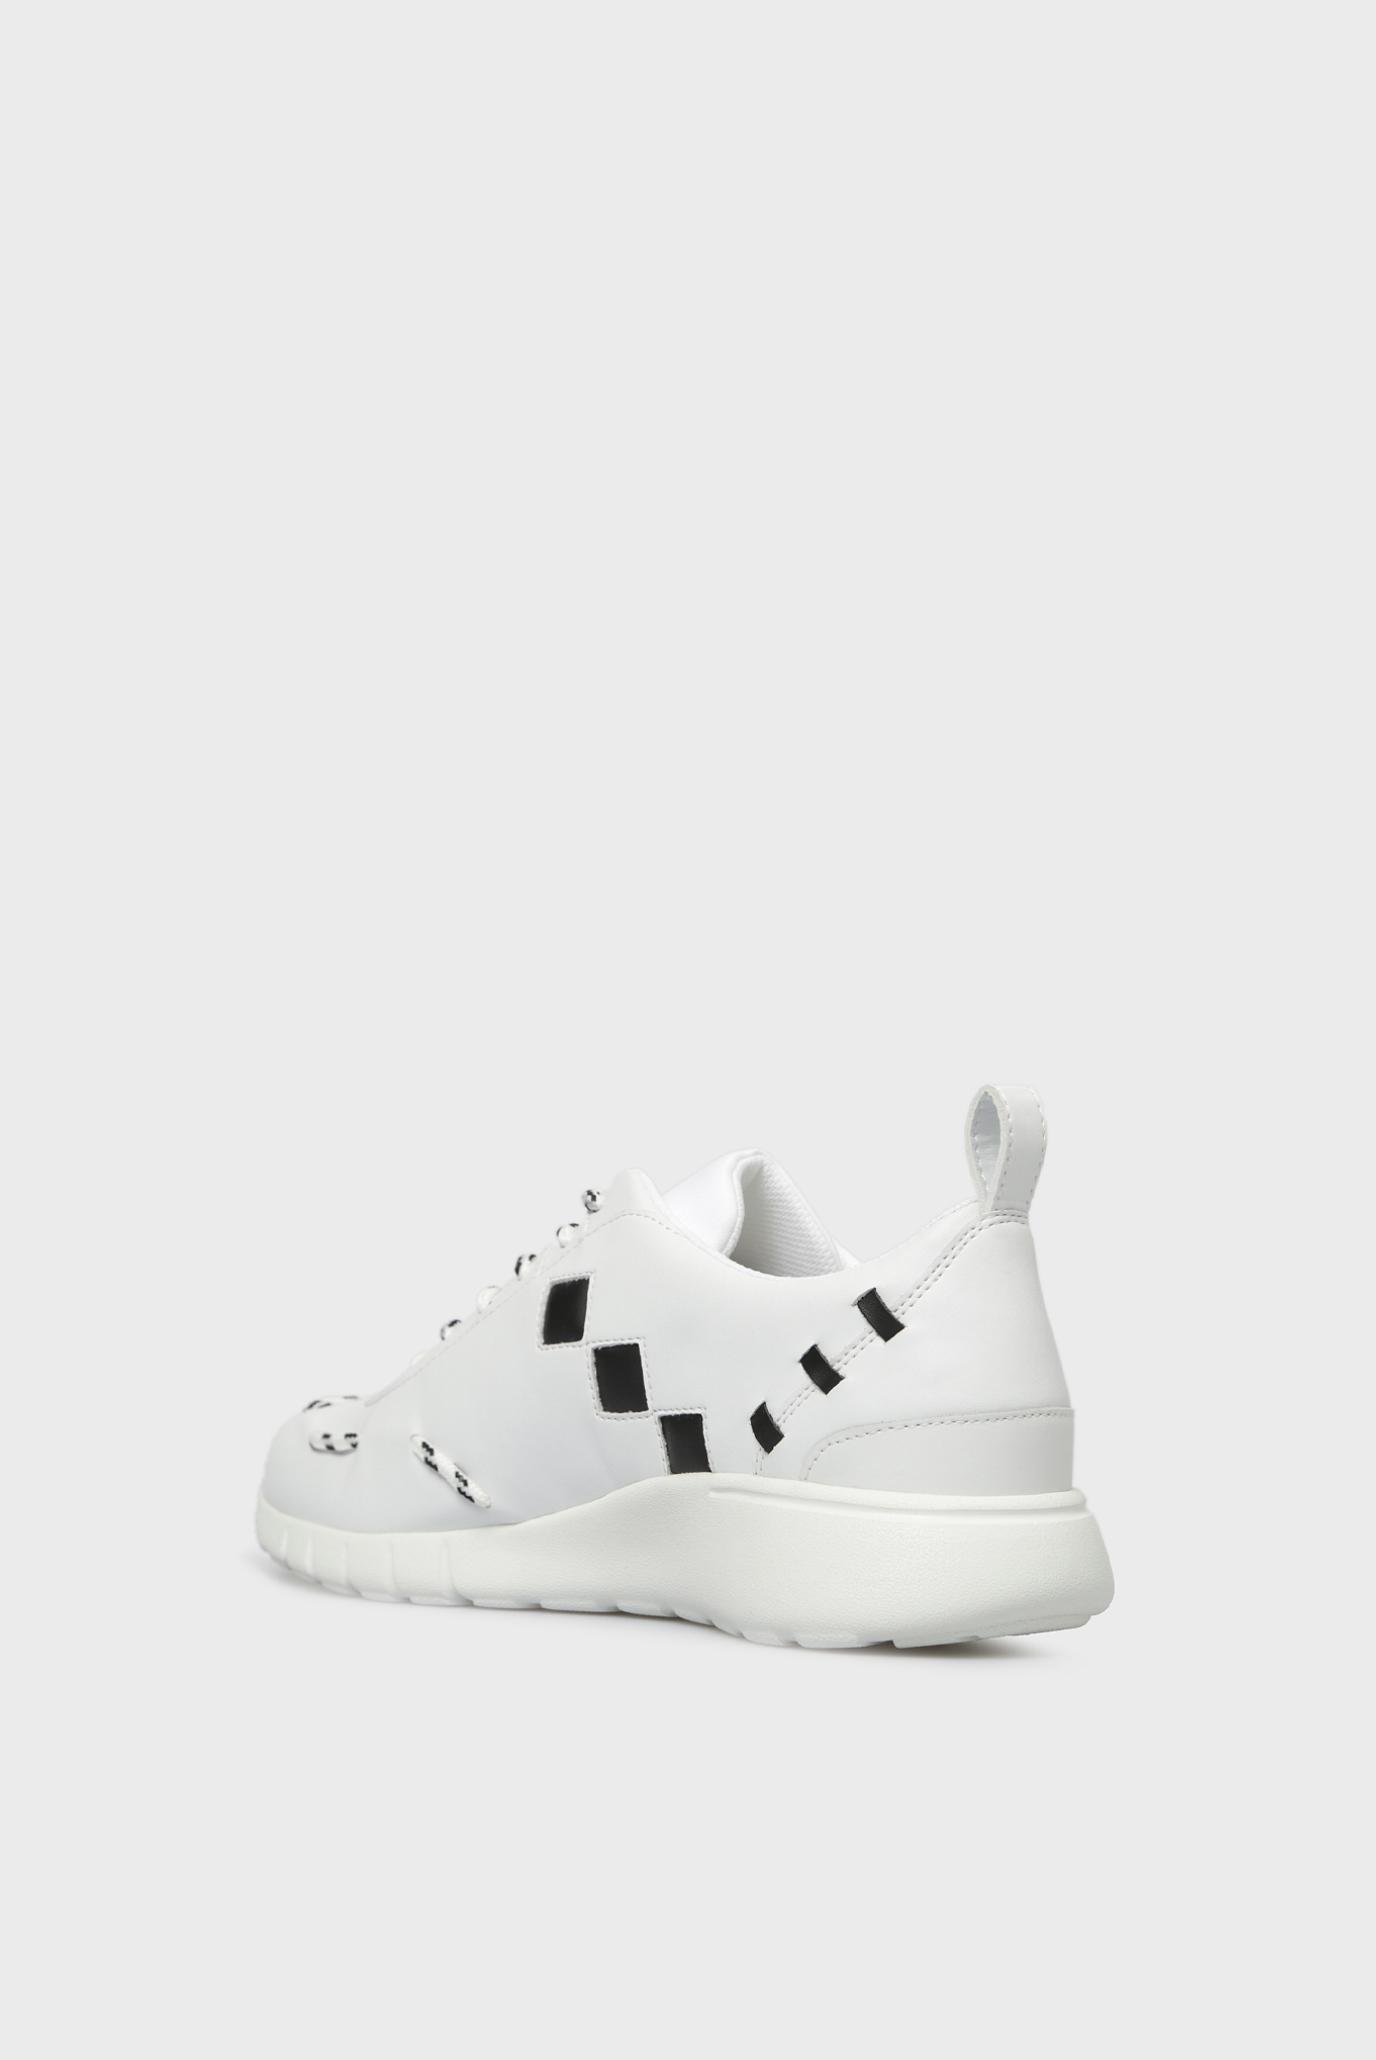 Купить Мужские белые кроссовки Trussardi Jeans Trussardi Jeans 9Y099999/77A00138 – Киев, Украина. Цены в интернет магазине MD Fashion